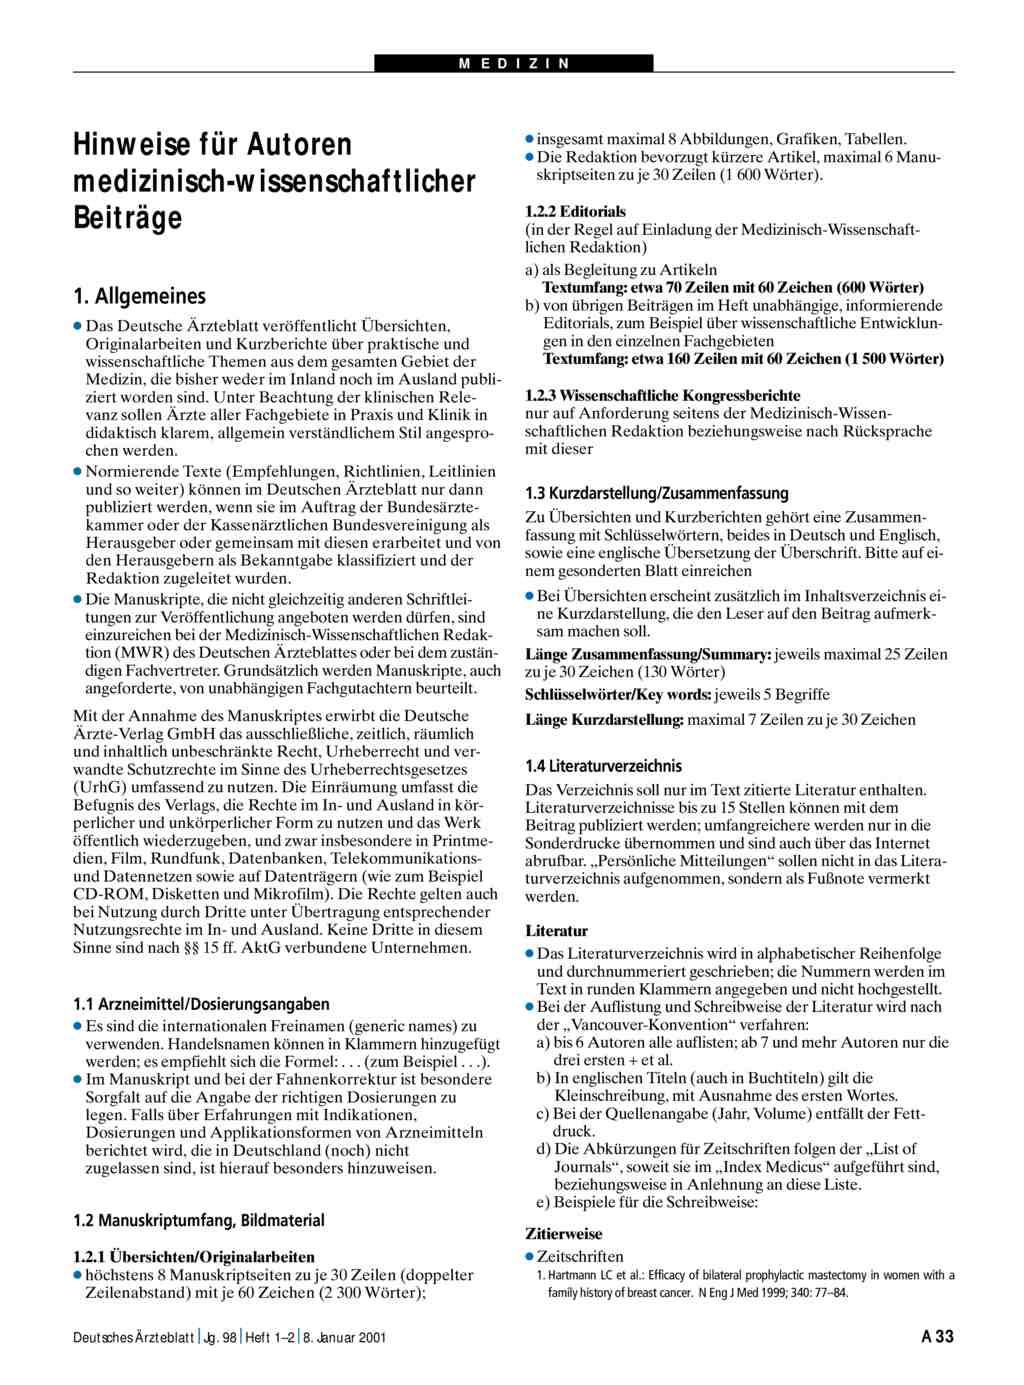 Hinweise Fur Autoren Medizinisch Wissenschaftlicher Beitrage